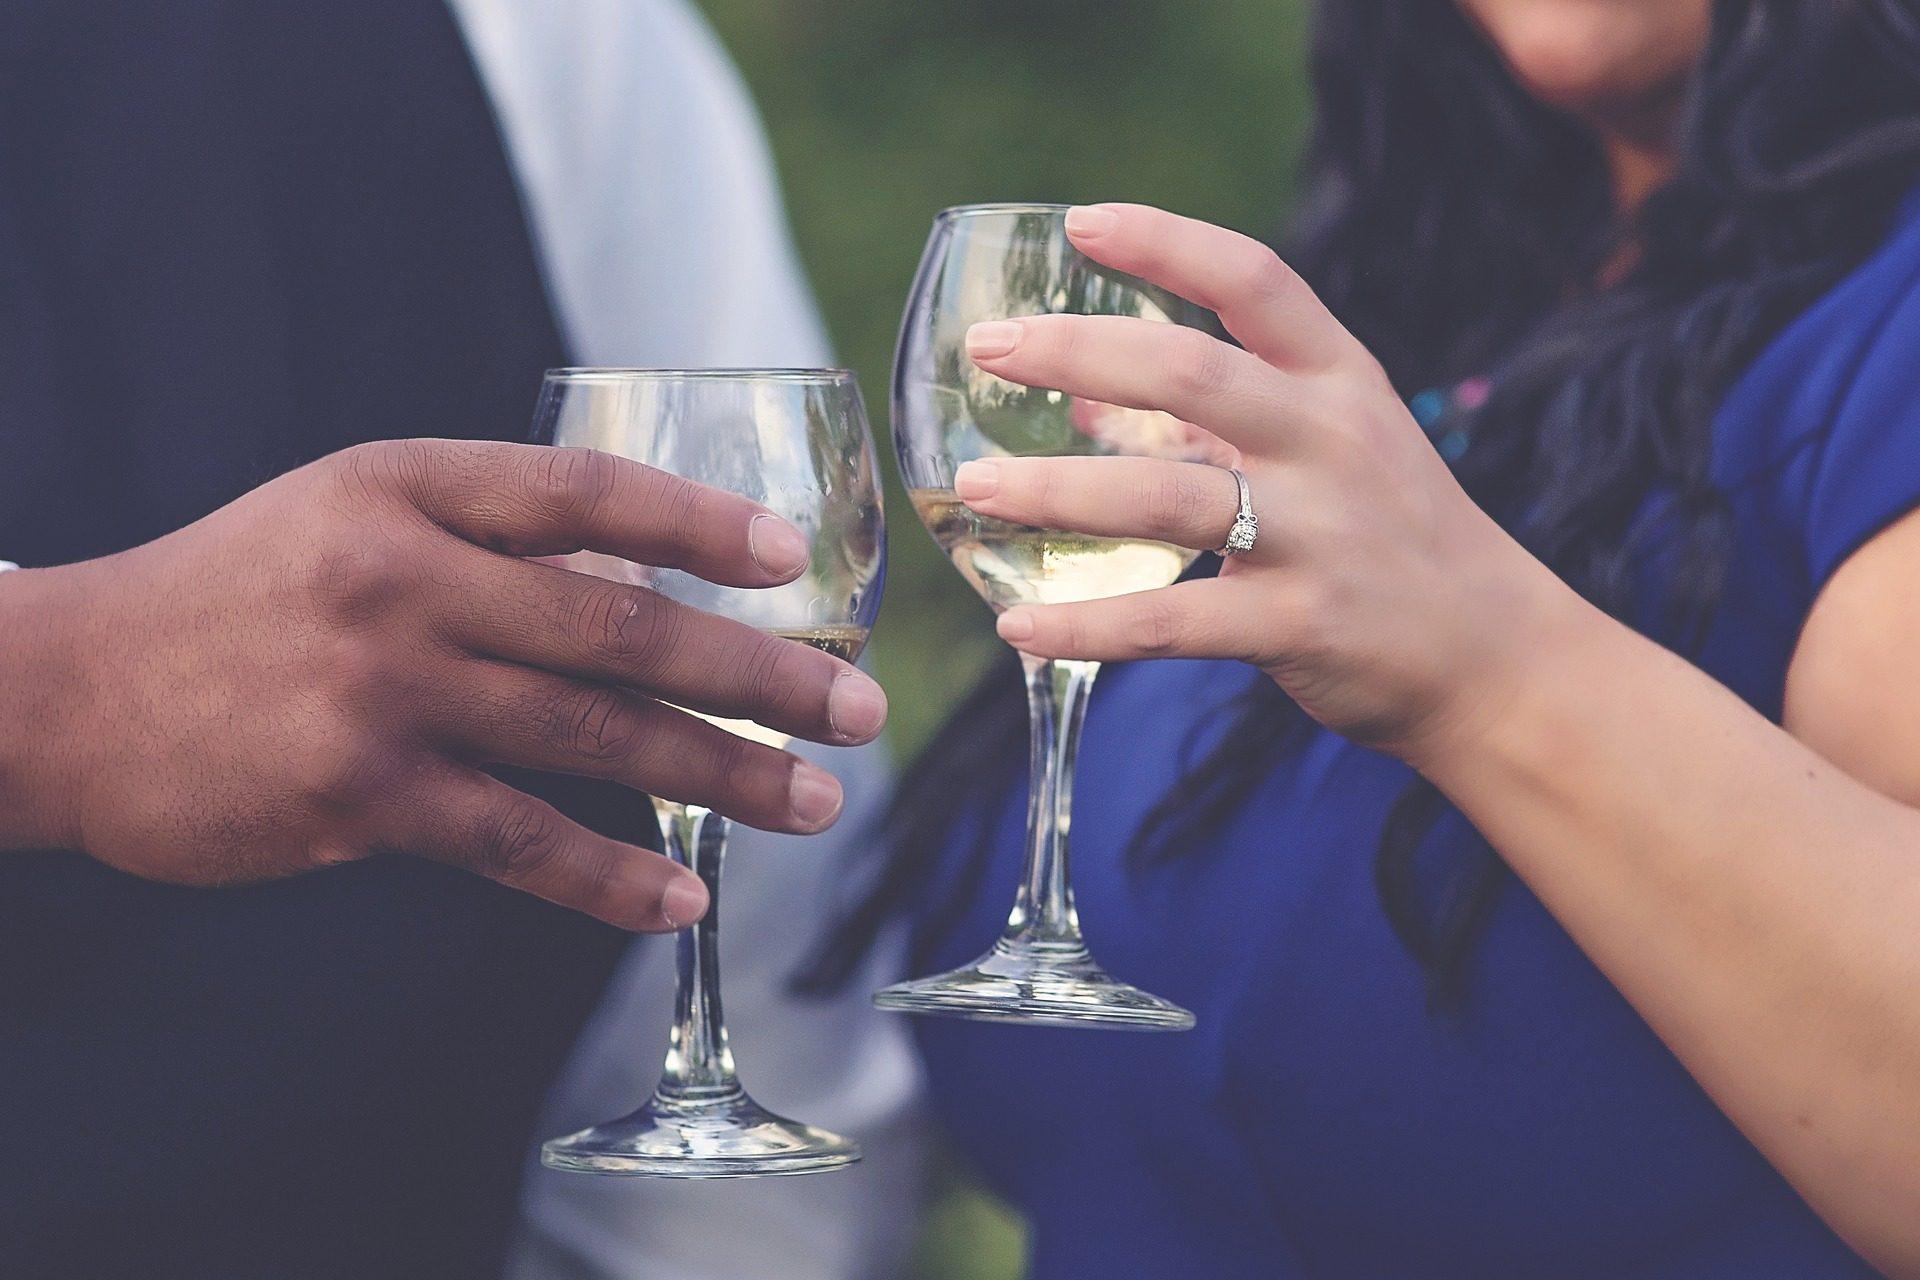 أيدي, زوجين, كوب, نخب, الشمبانيا - خلفيات عالية الدقة - أستاذ falken.com